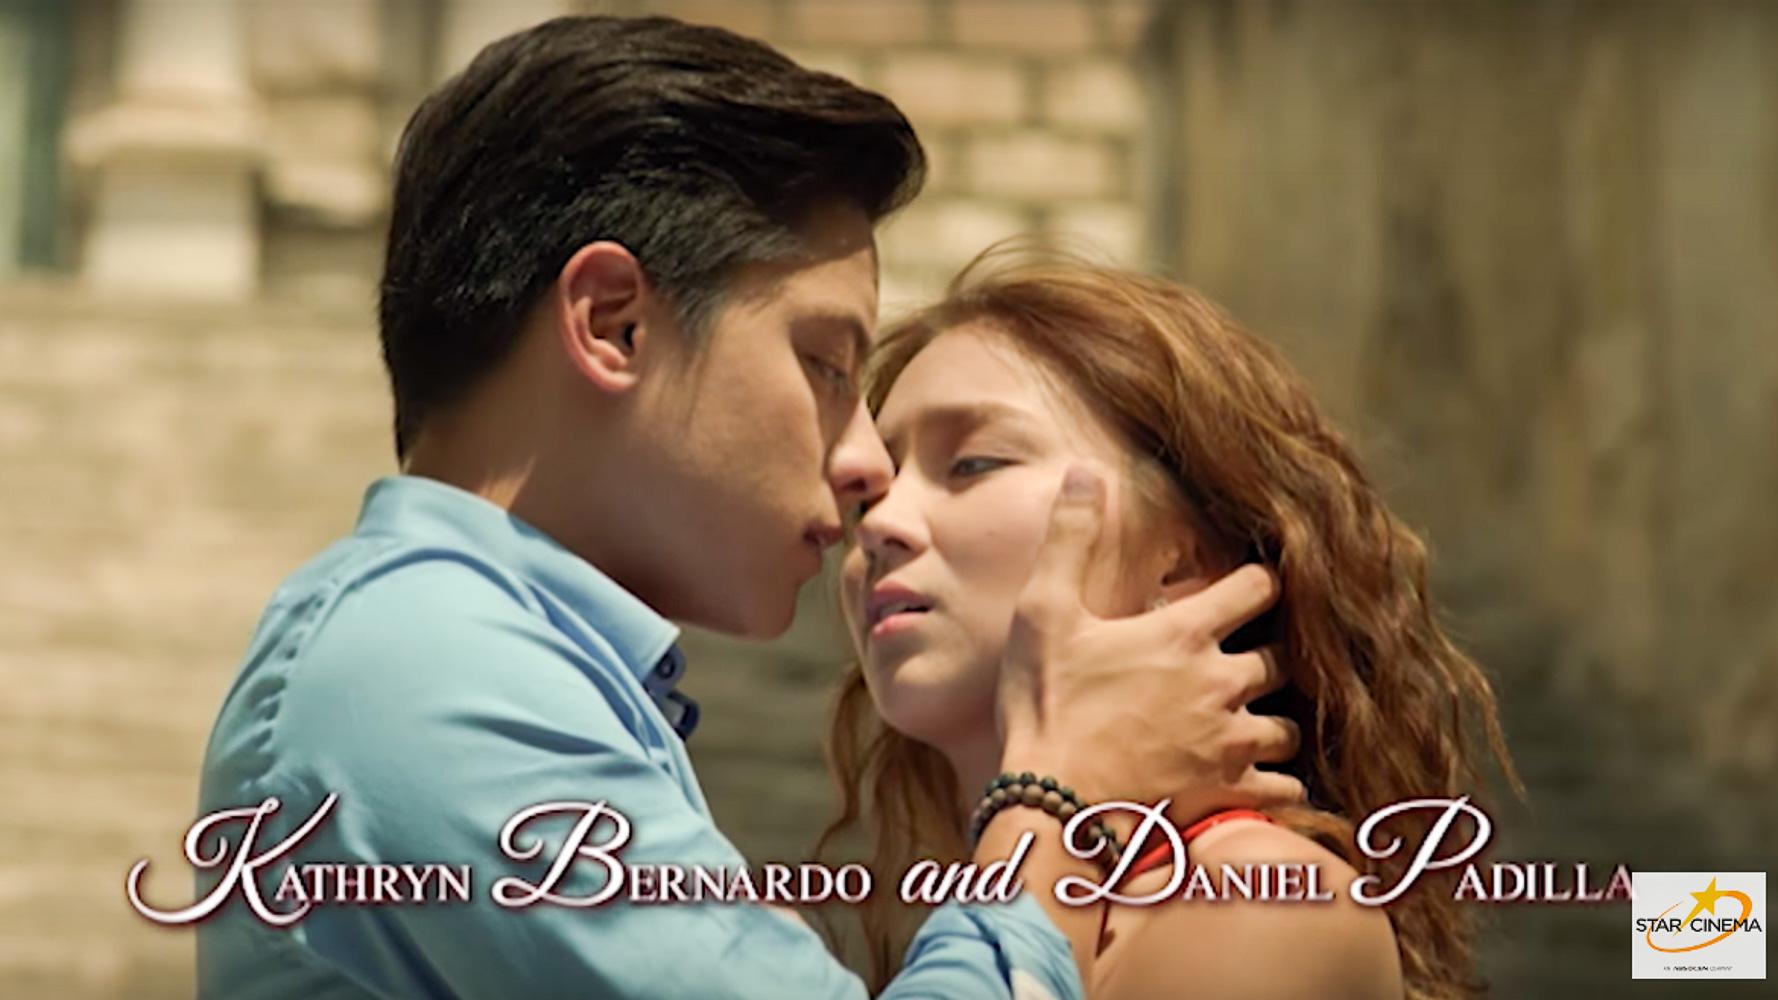 Philippines sweet love movie 17 Best